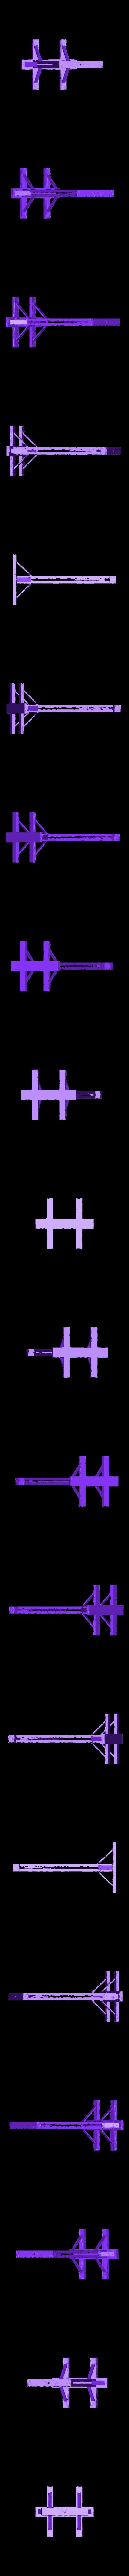 Medieval_Guillotine_28mm.stl Télécharger fichier STL gratuit Guillotine médiévale • Design imprimable en 3D, LordInvoker